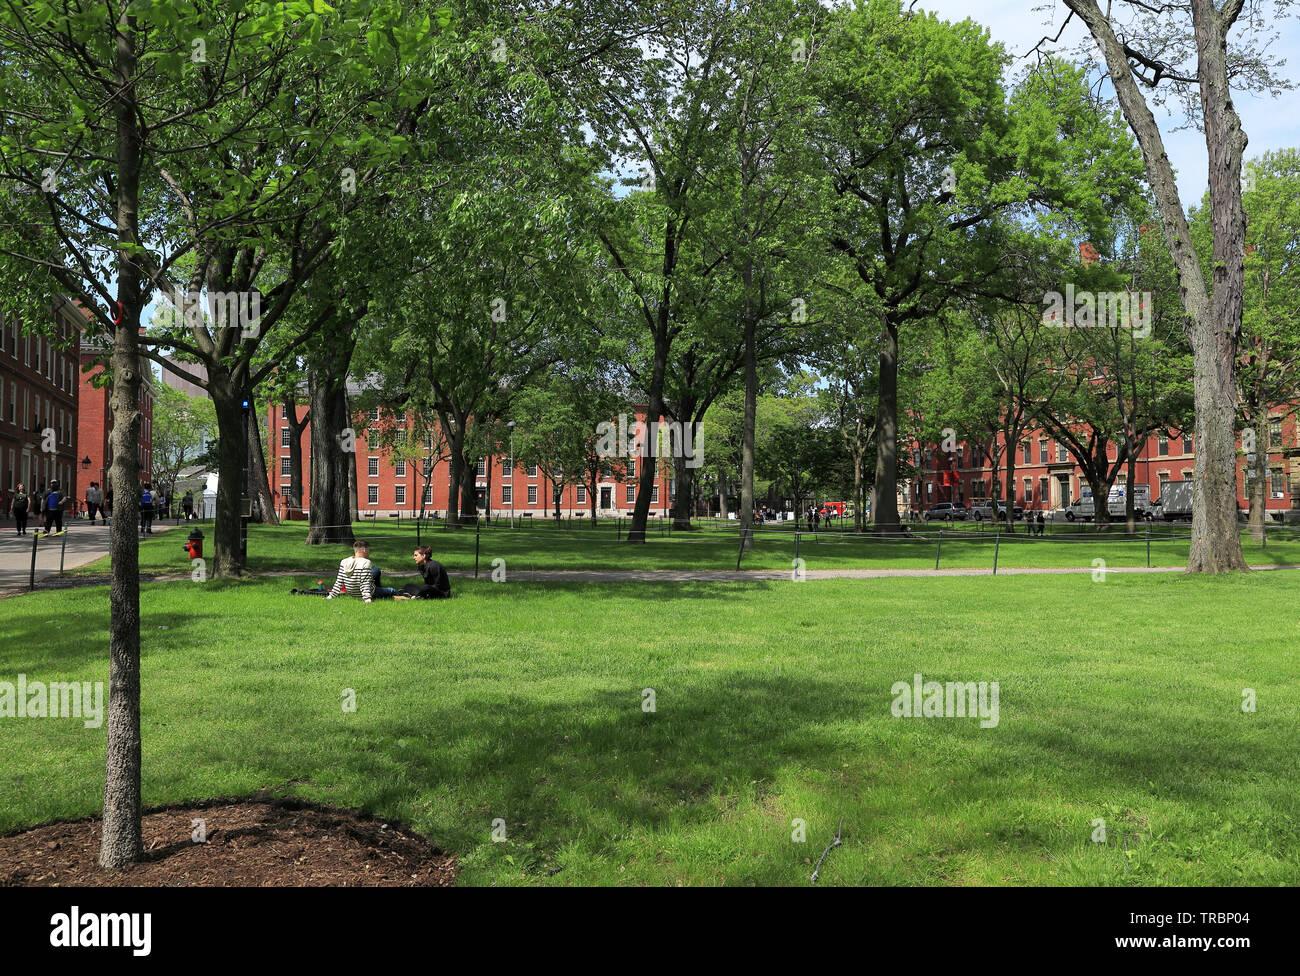 Cambridge, Massachusetts - El 22 de mayo de 2019: estudiantes y turistas descansando sobre el césped y caminar en el Harvard Yard, el centro histórico de la Har Imagen De Stock